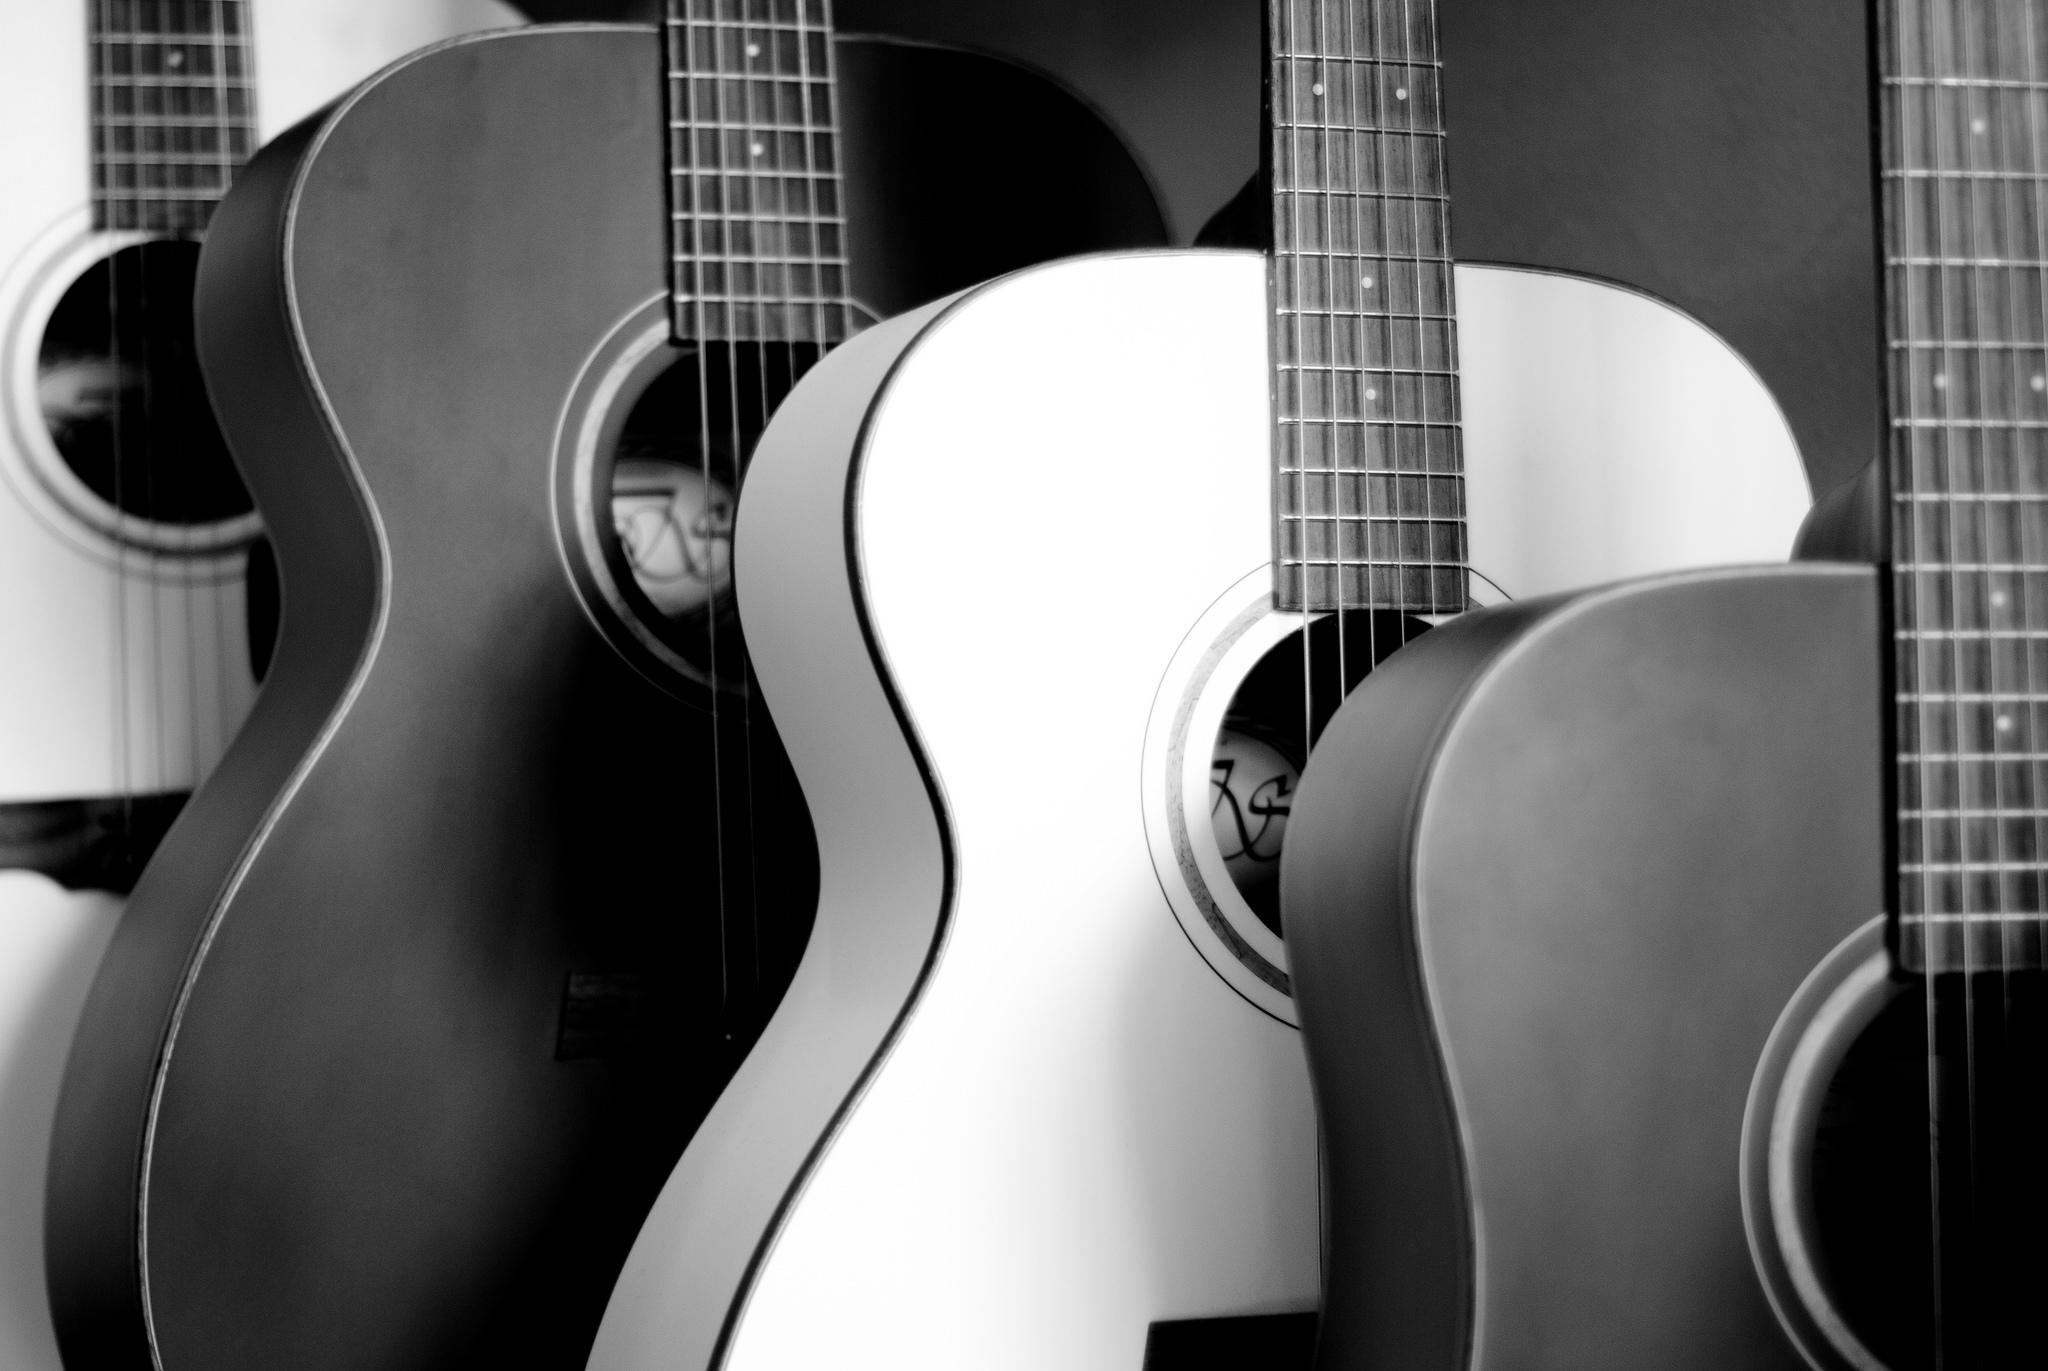 такого гитара хорошие картинки поможет узнать